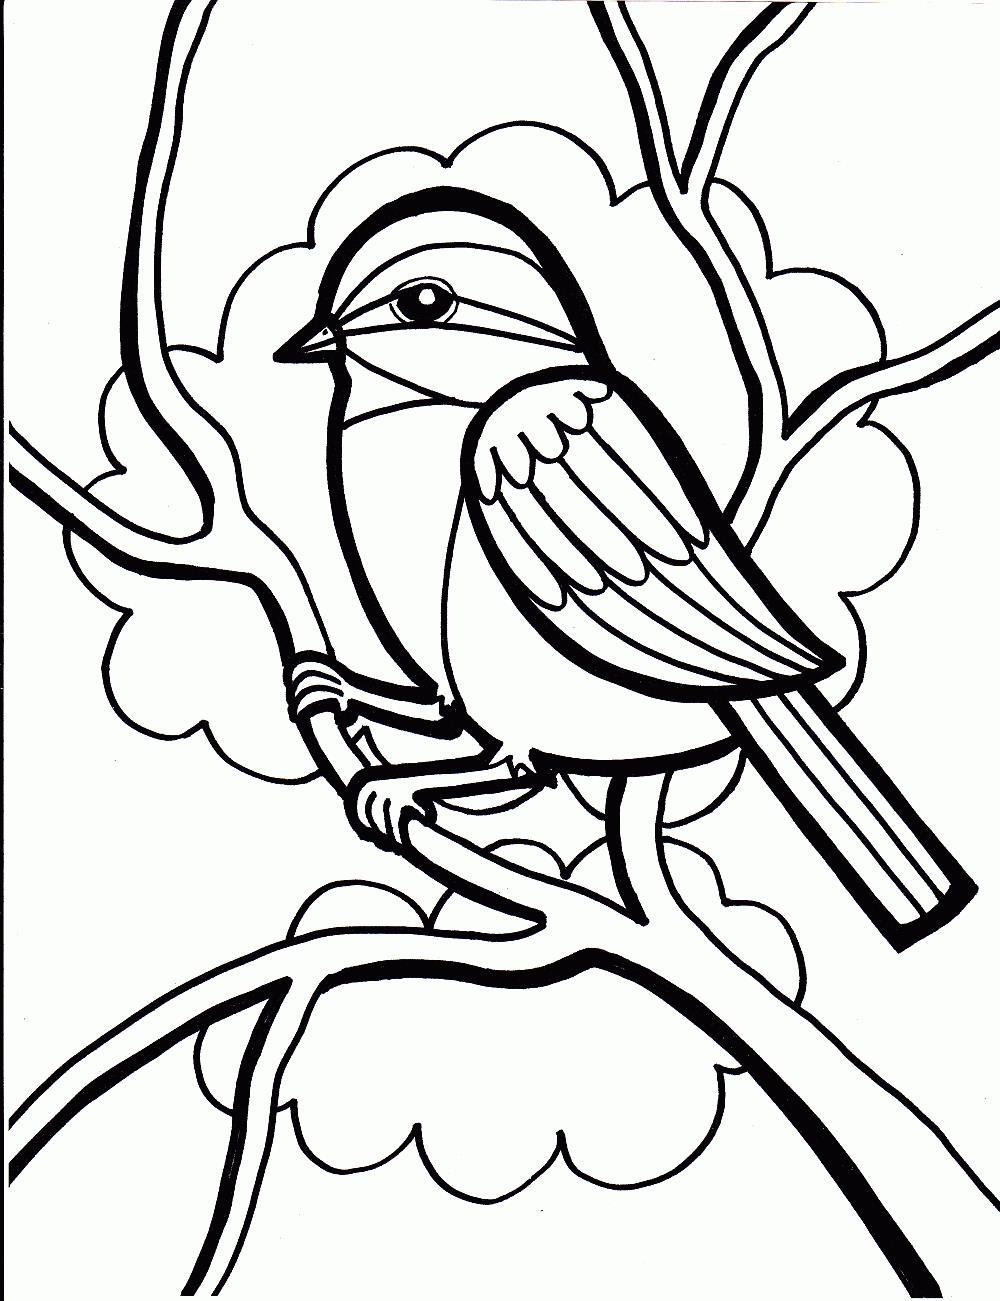 птица Раскраски для взрослых скачать